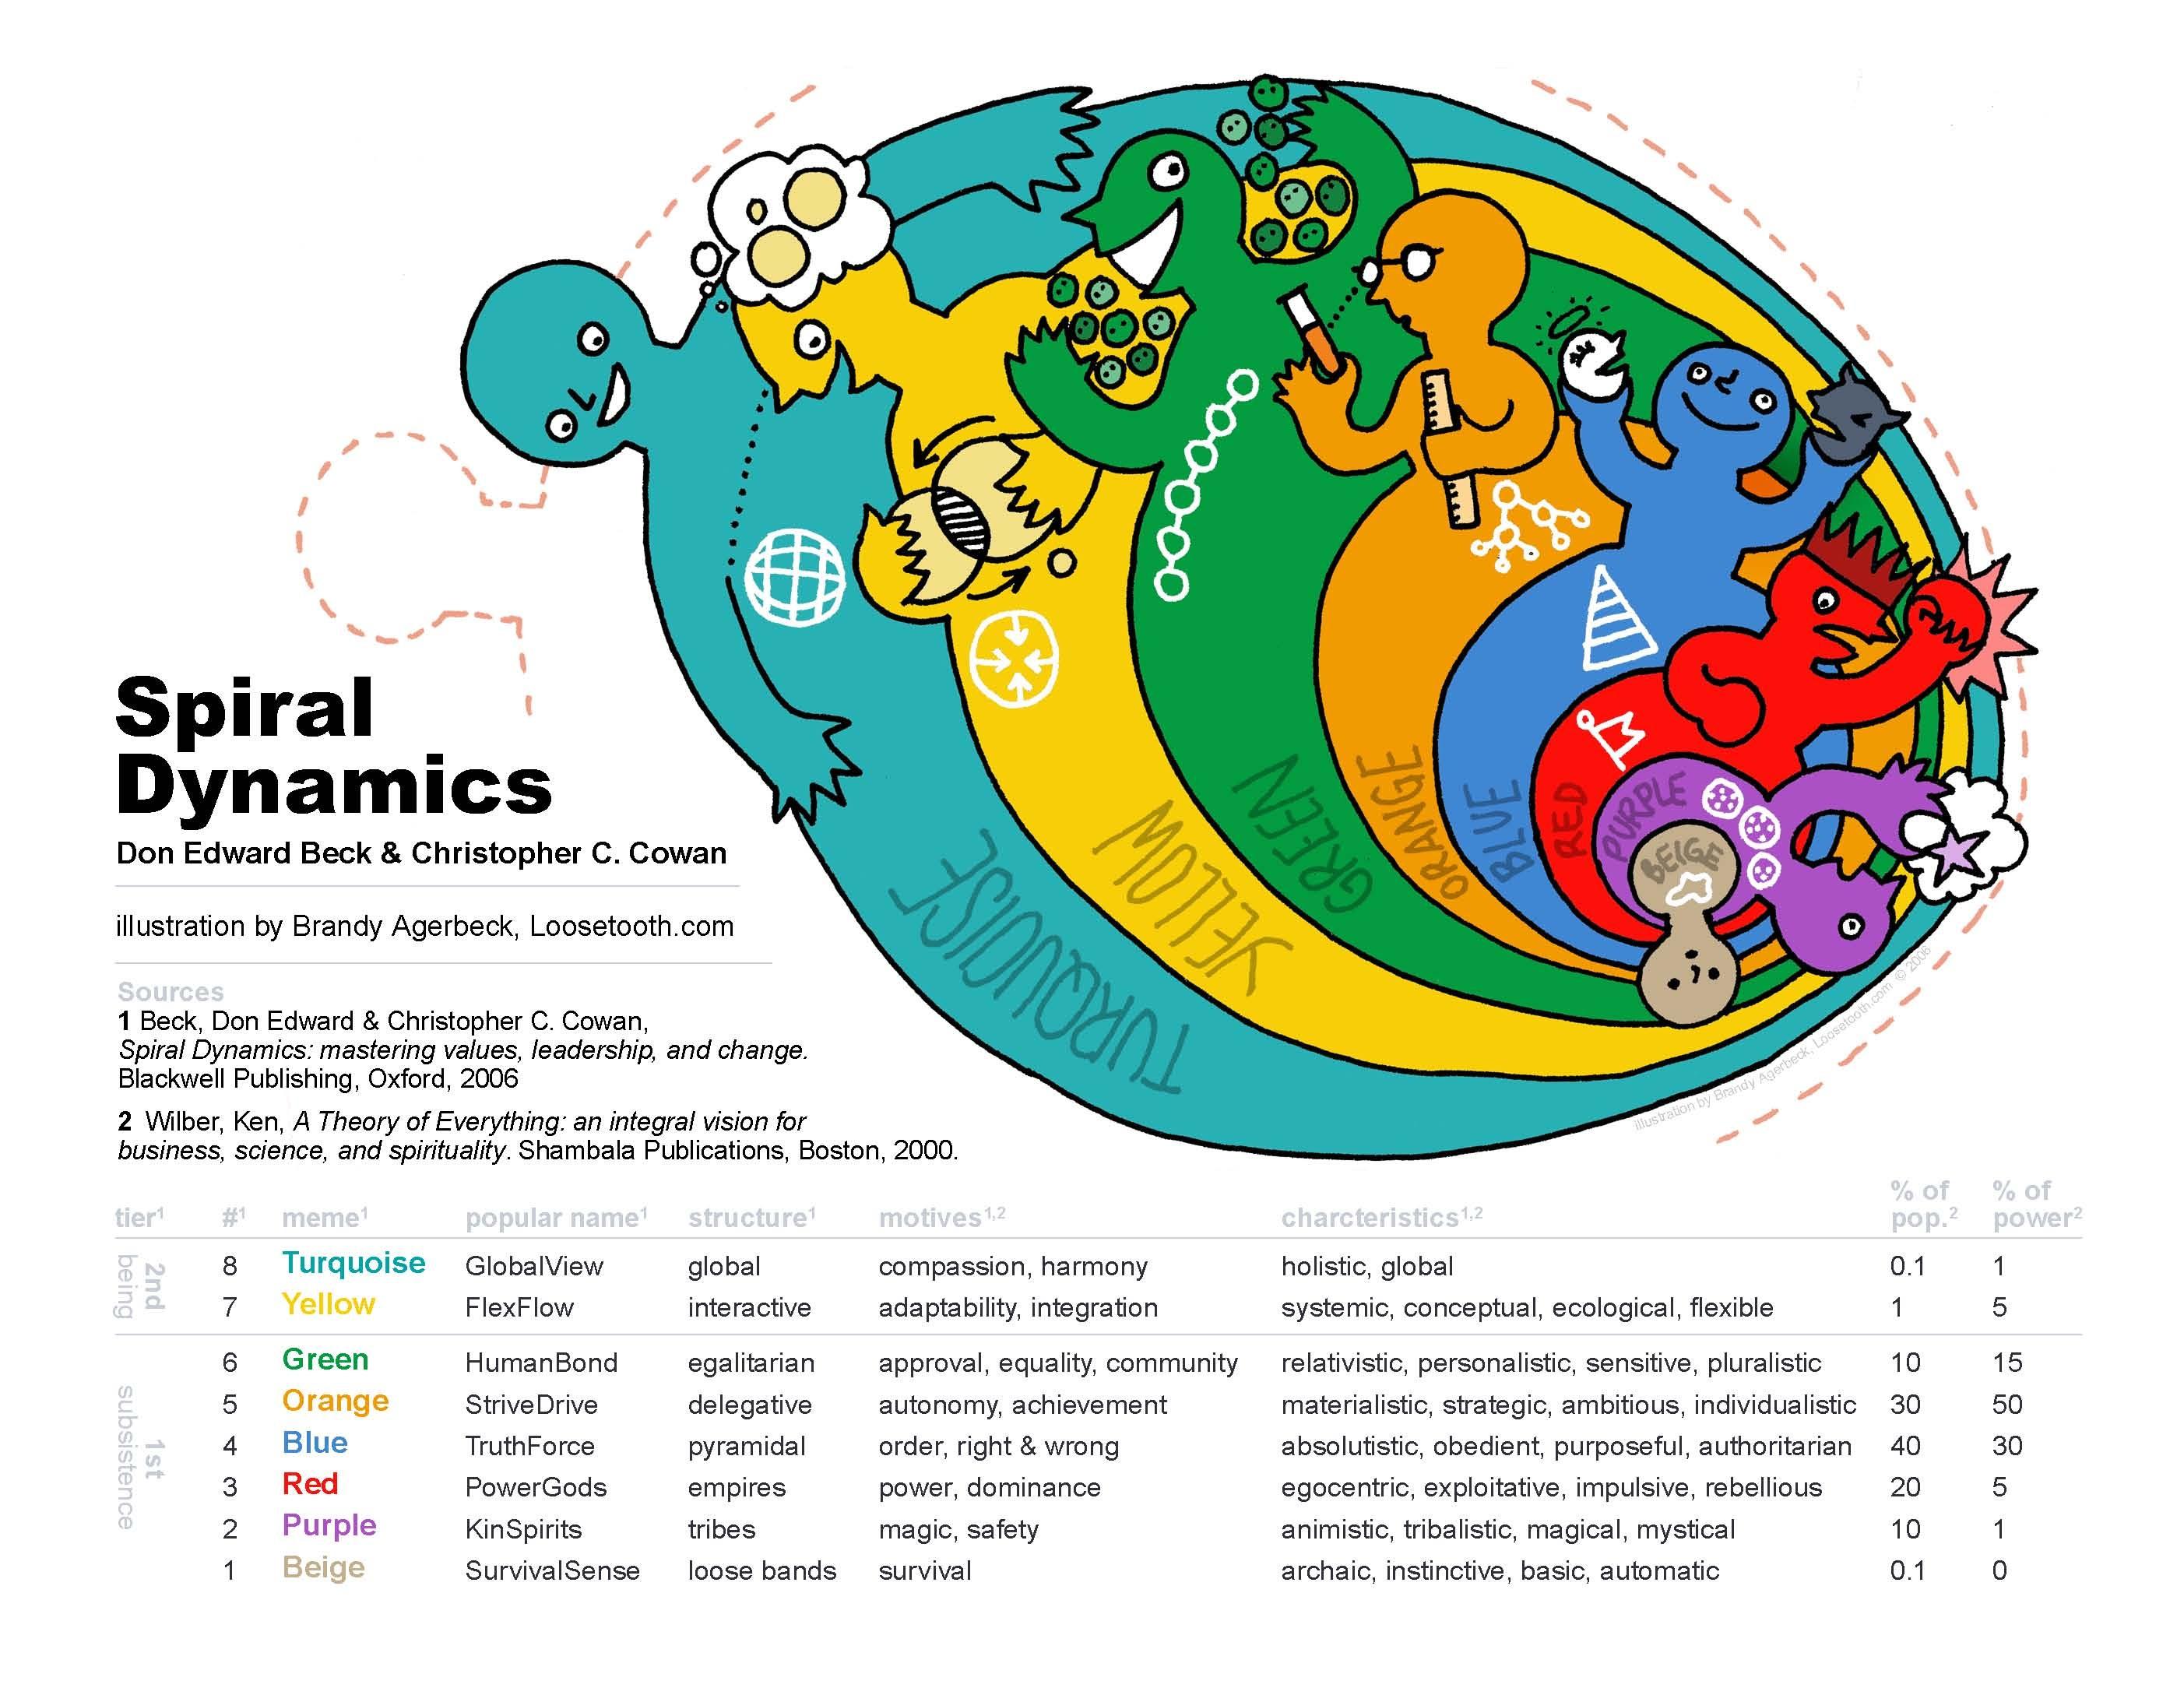 Spiral Dynamics, attēls no http://www.cruxcatalyst.com/2013/09/26/spiral-dynamics-a-way-of-understanding-human-nature/